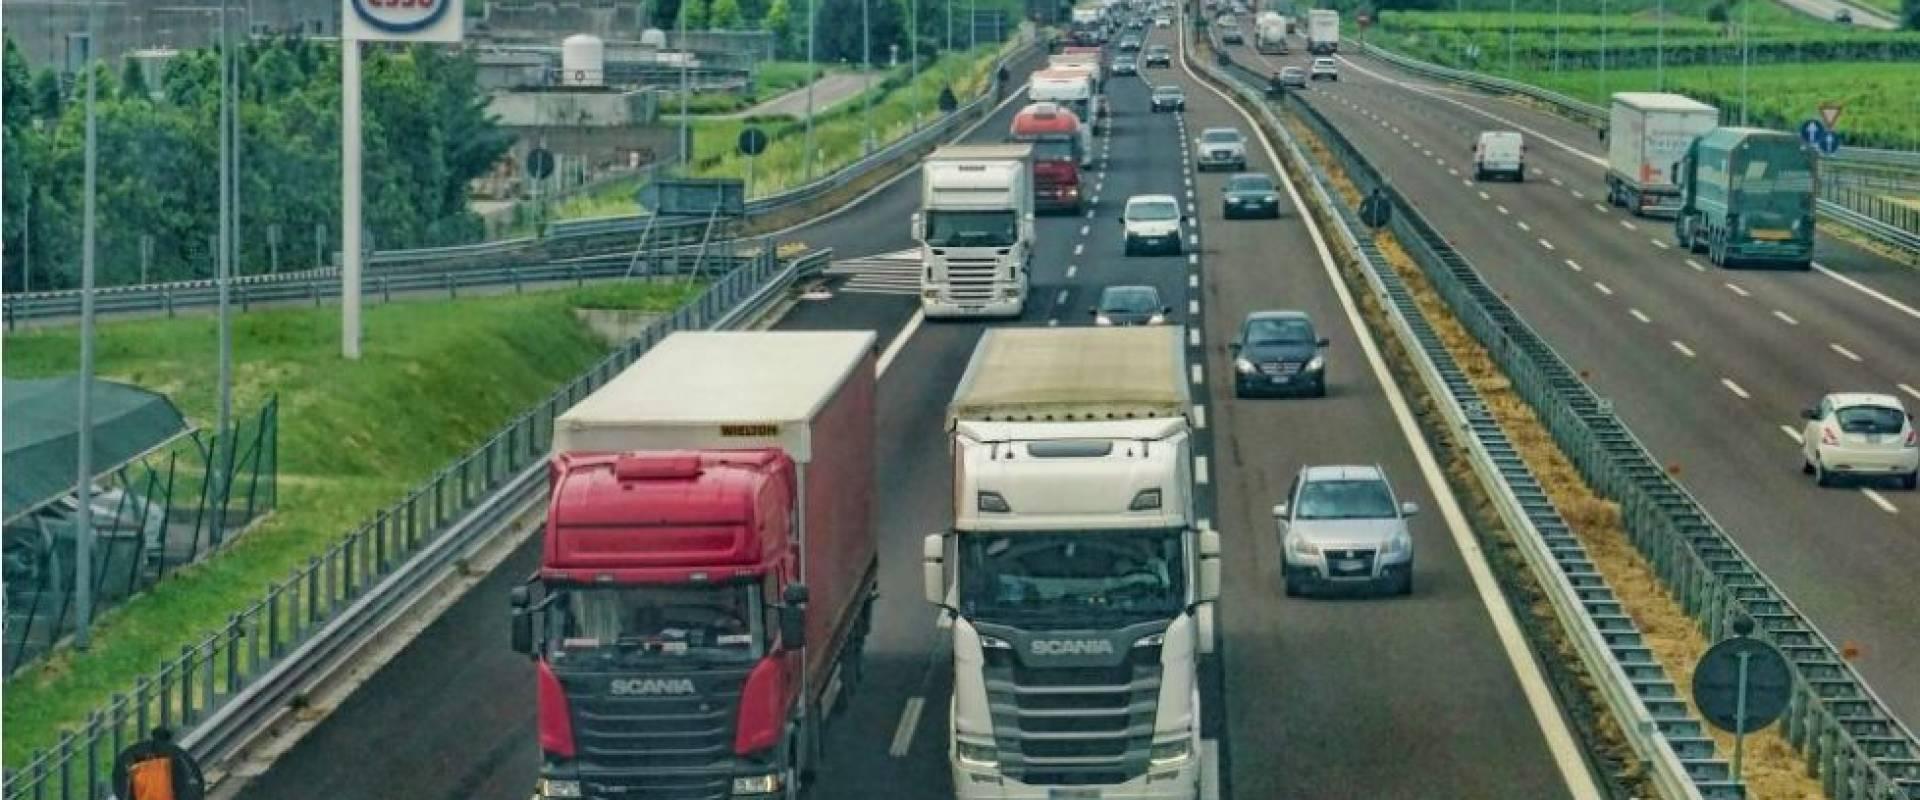 Kamionovým dopravcům ubývají zakázky, pětina propouští